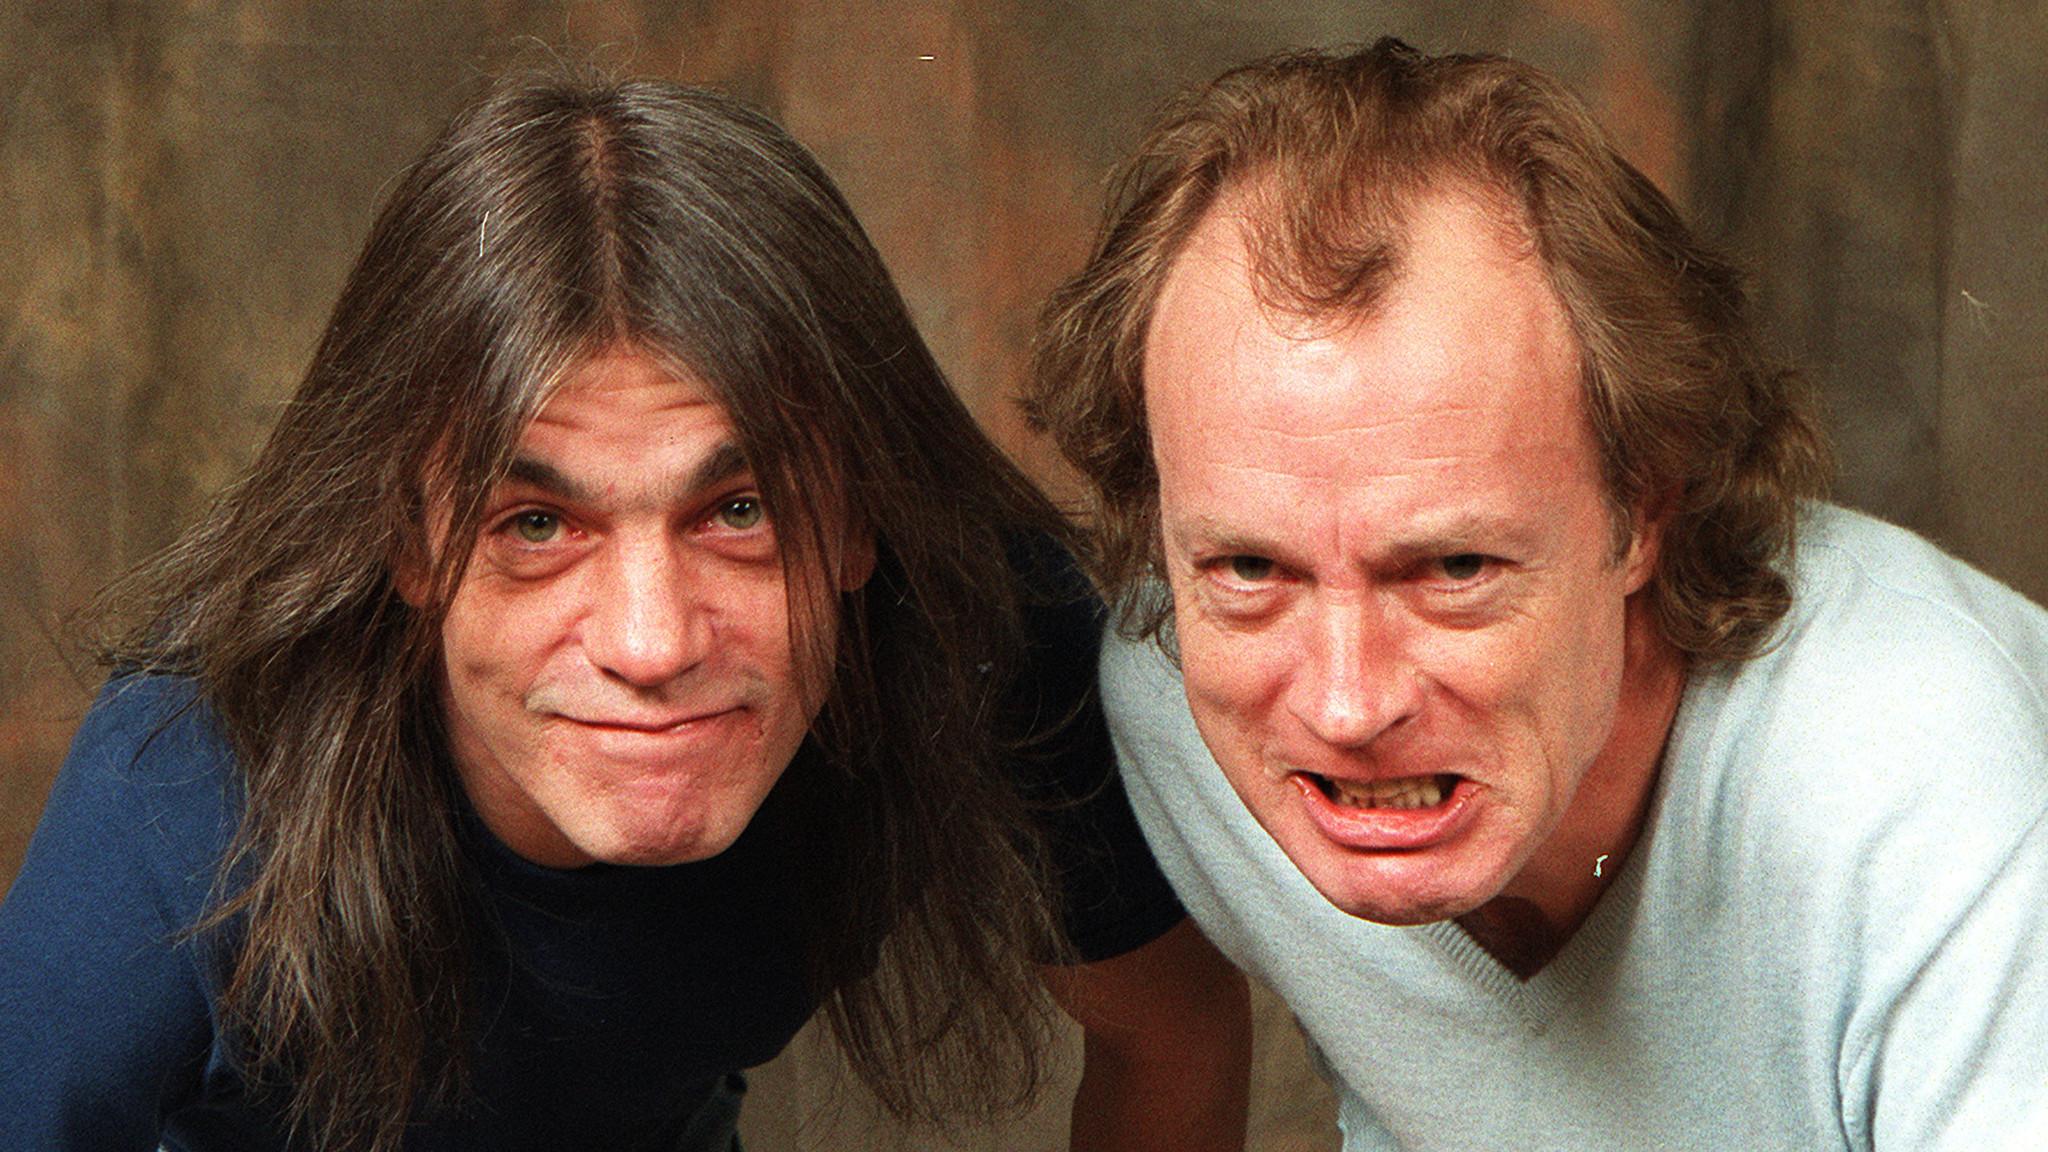 Malcolm és Angus Young: Az AC/DC most éppen Axl Rose énekessel ért a csúcsra, de ez az a zenekar, amely tulajdonképpen mindig is töretlen sikereket tudhatott magáénak. Ki ne tudná: Angus a jellegzetes mozgású gitáros, Malcolm a ritmusgitárt pengette, 2014-ben demenciás betegsége miatt visszavonult.